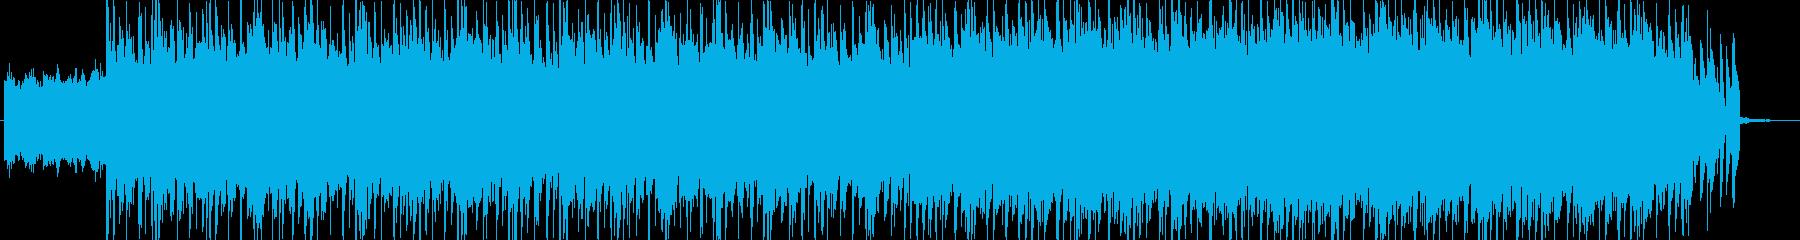 企業VP、商品販促動画用BGMの再生済みの波形